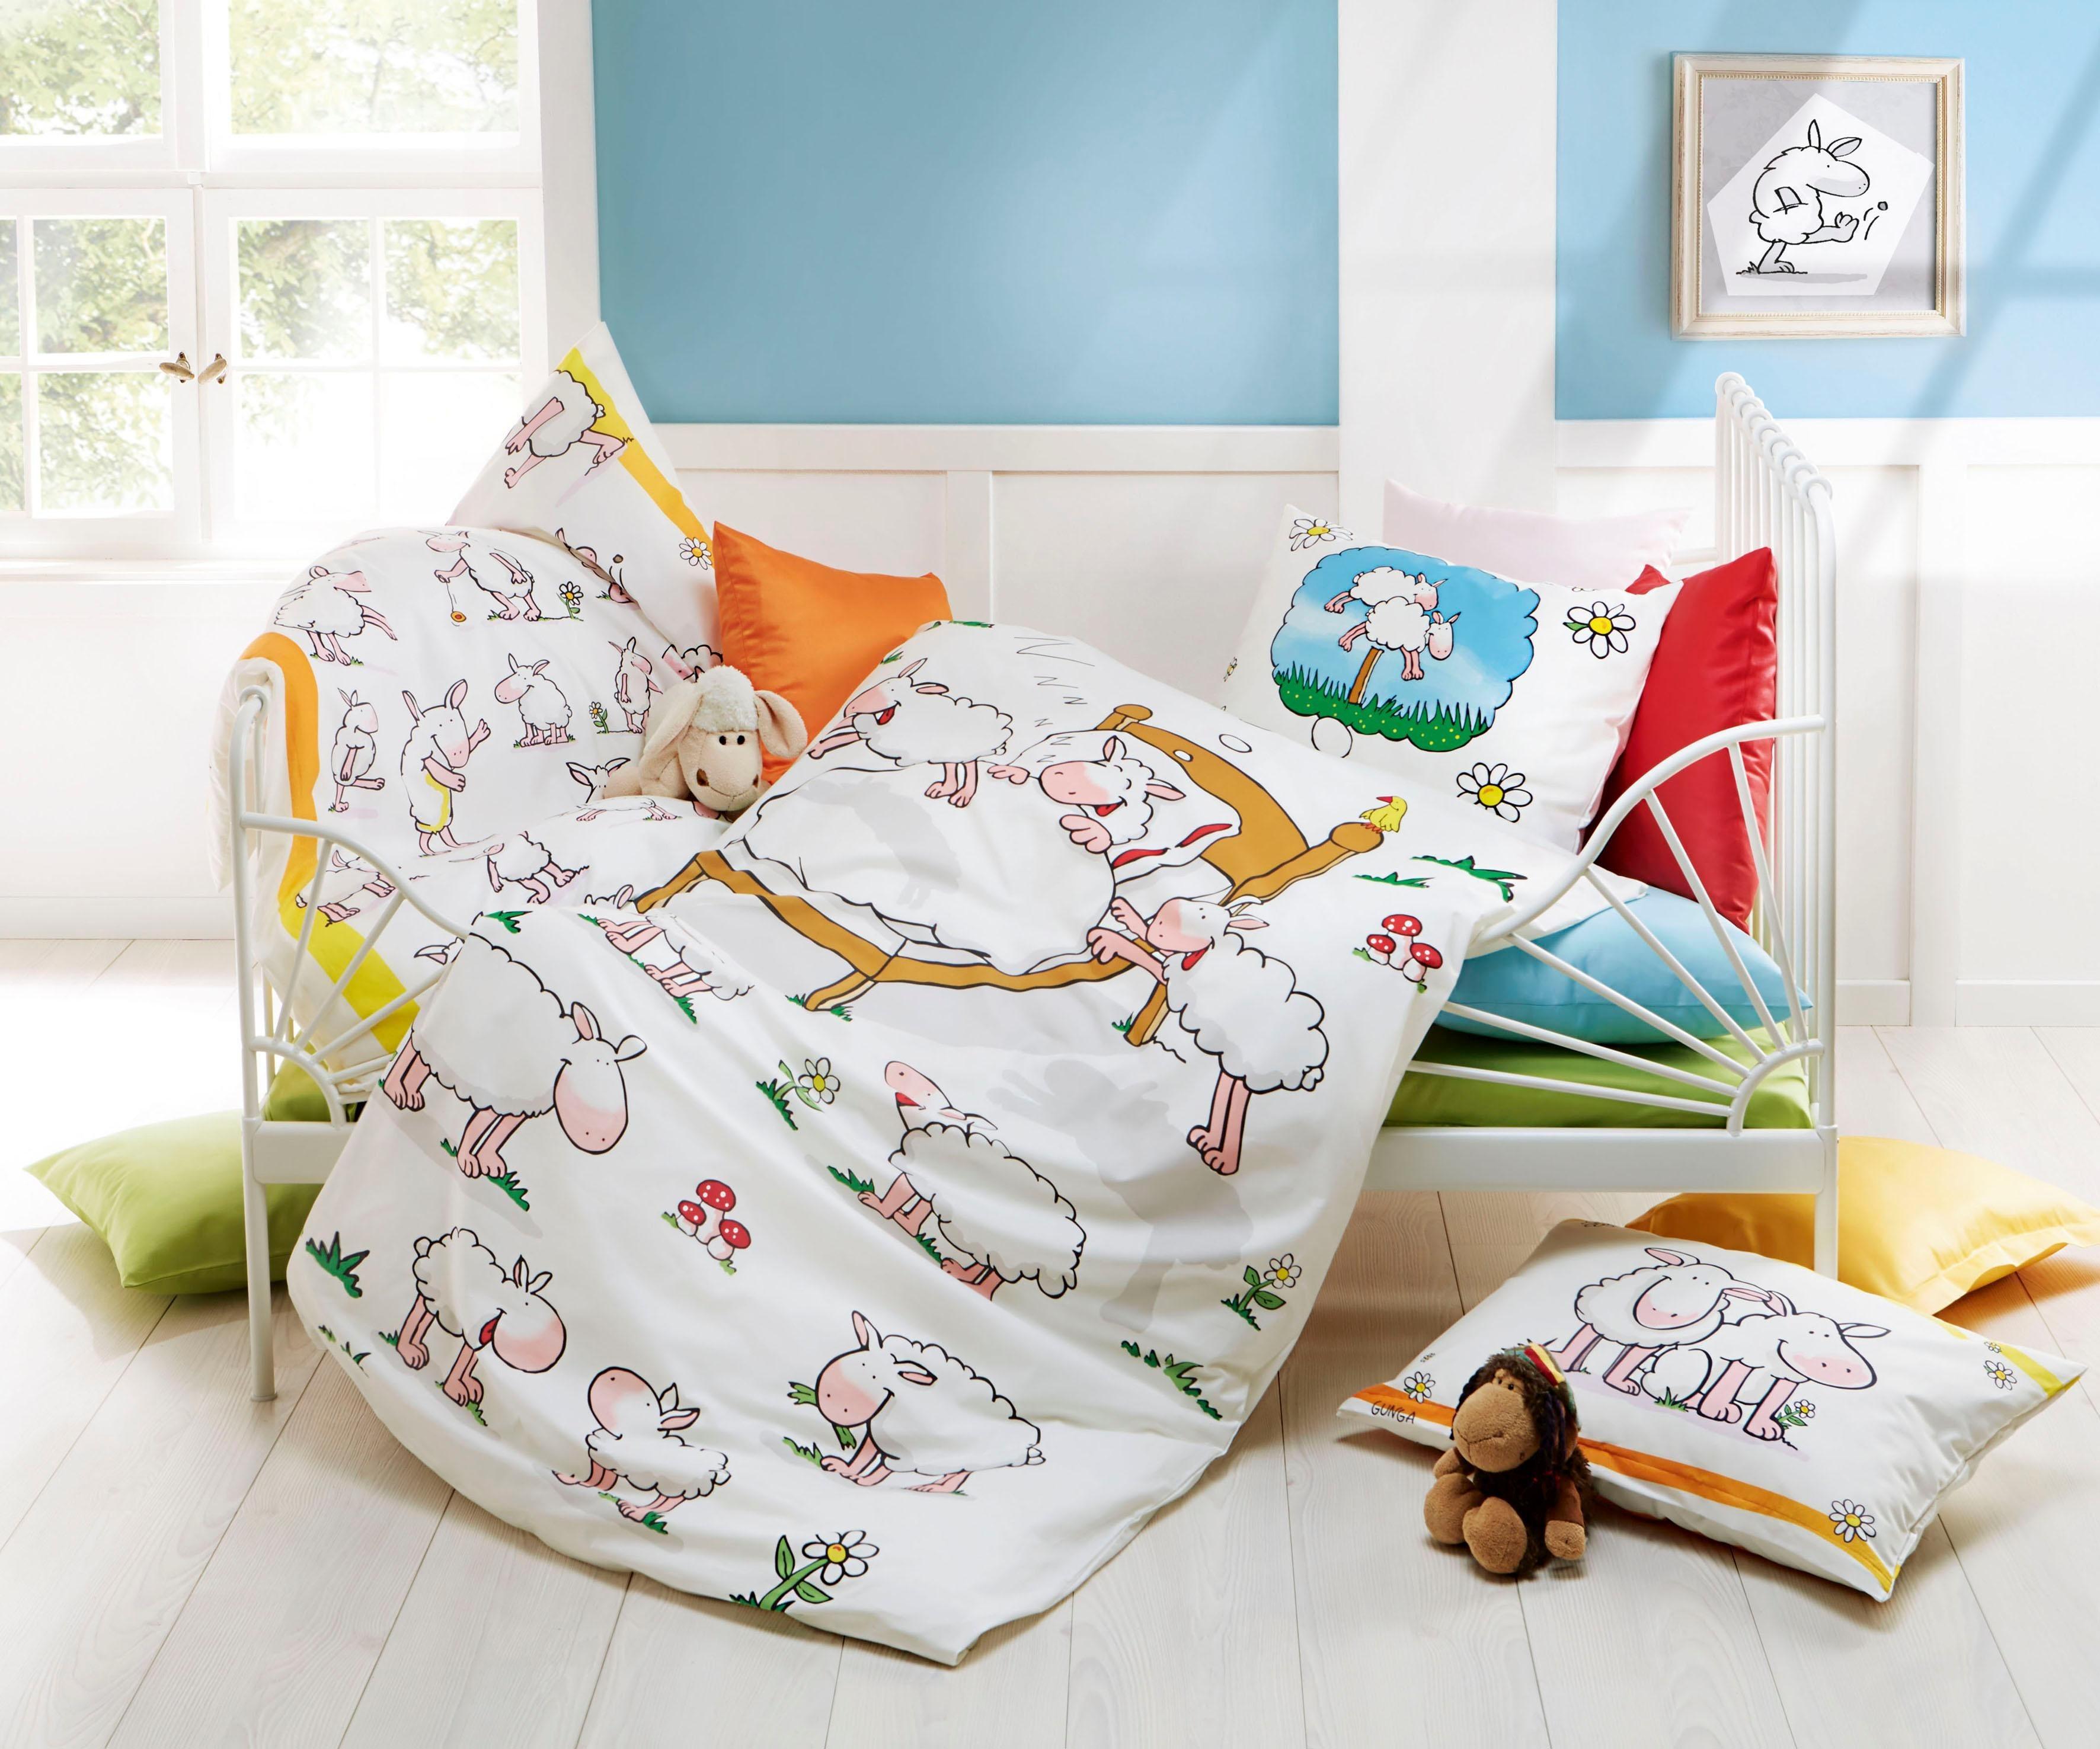 kinderbettw sche preisvergleich die besten angebote online kaufen. Black Bedroom Furniture Sets. Home Design Ideas